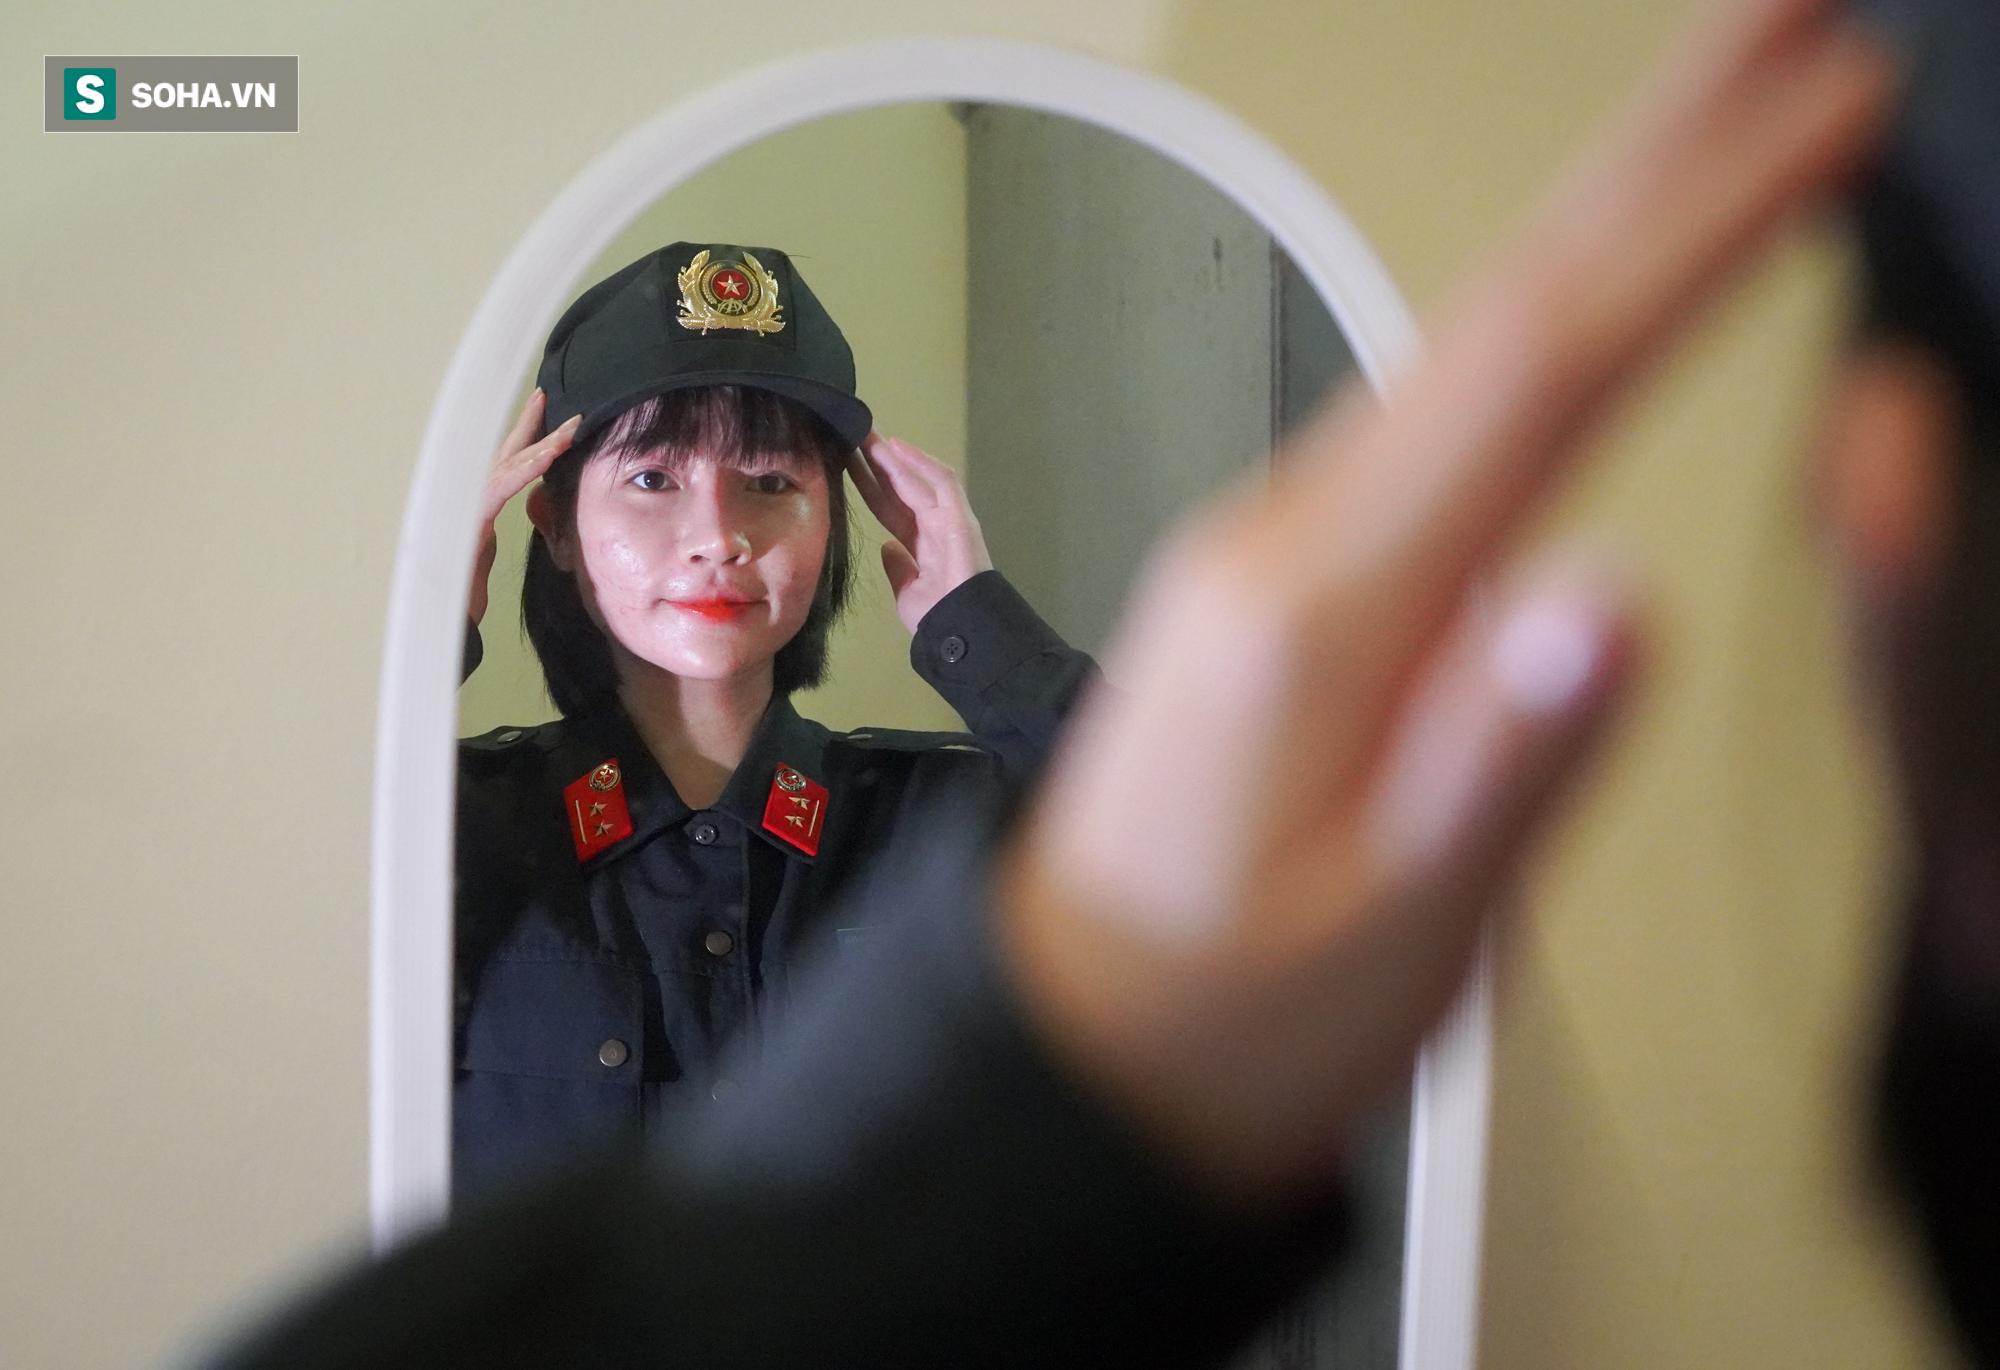 Nữ cảnh sát đặc nhiệm đầu tiên của tổ 141: Quen với những đêm trắng vì sự bình yên của người dân - Ảnh 1.